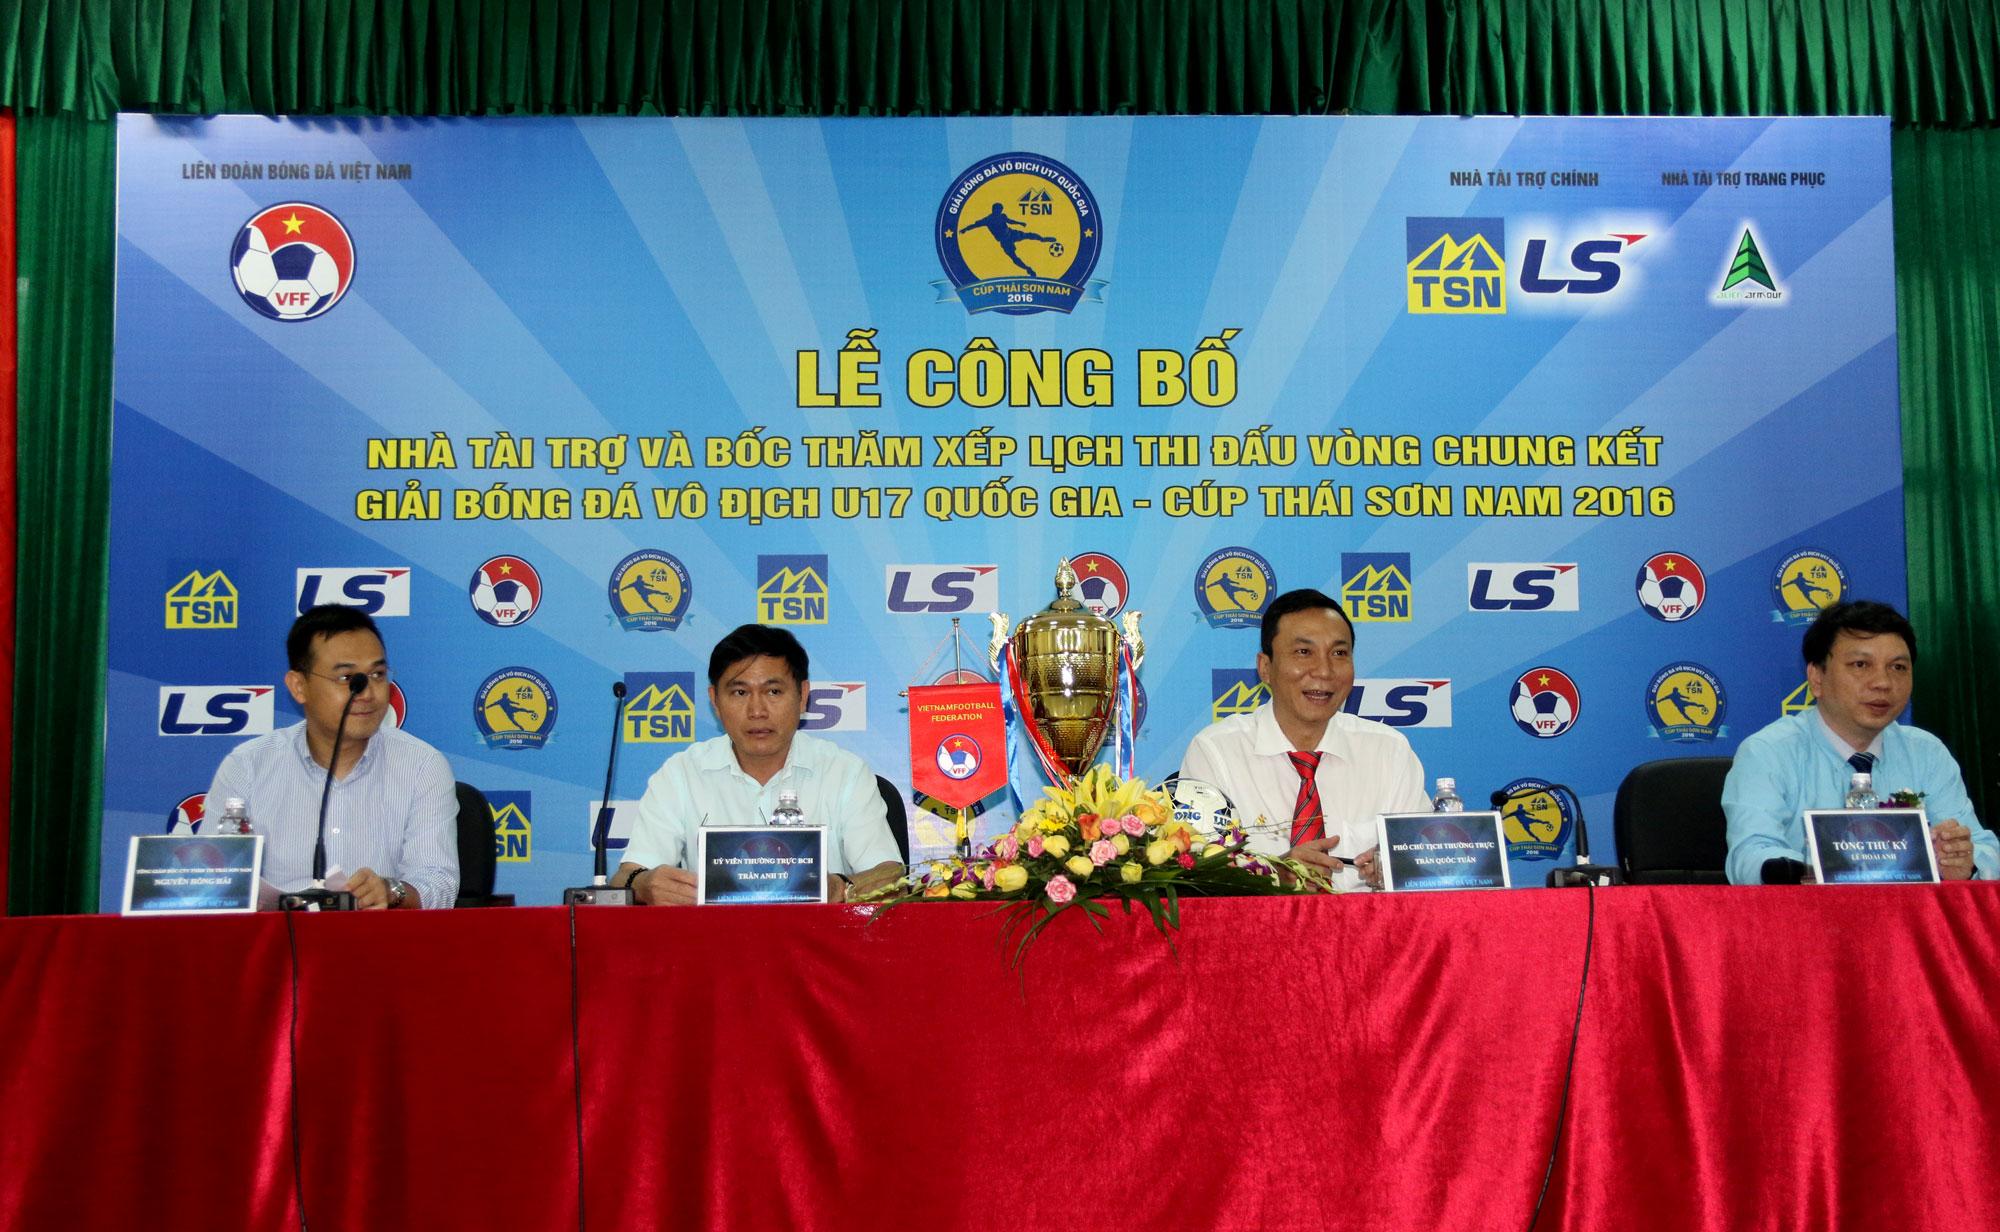 Công bố Nhà tài trợ và bôc thăm xếp lịch thi đấu VCK U17 Quốc Gia - Cúp Thái Sơn Nam 2016